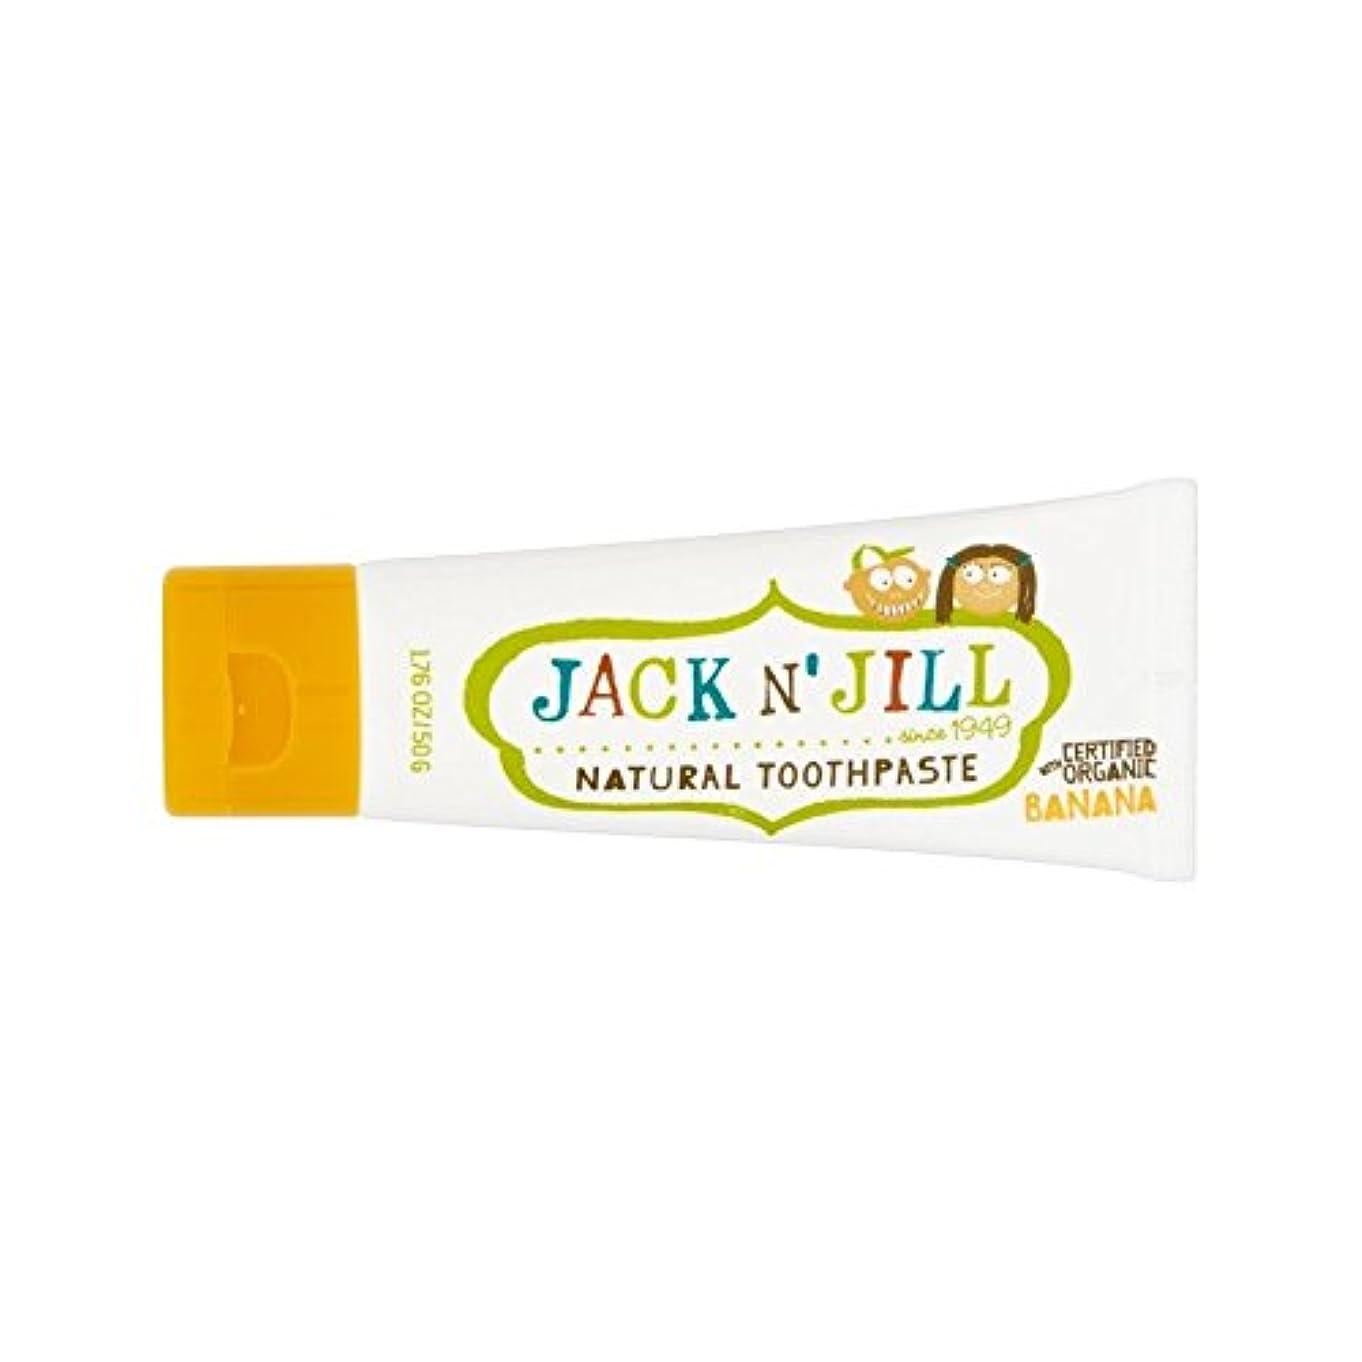 飢え漏斗装備する有機香味50グラムと自然バナナ歯磨き粉 (Jack N Jill) (x 4) - Jack N' Jill Banana Toothpaste Natural with Organic Flavouring 50g (...